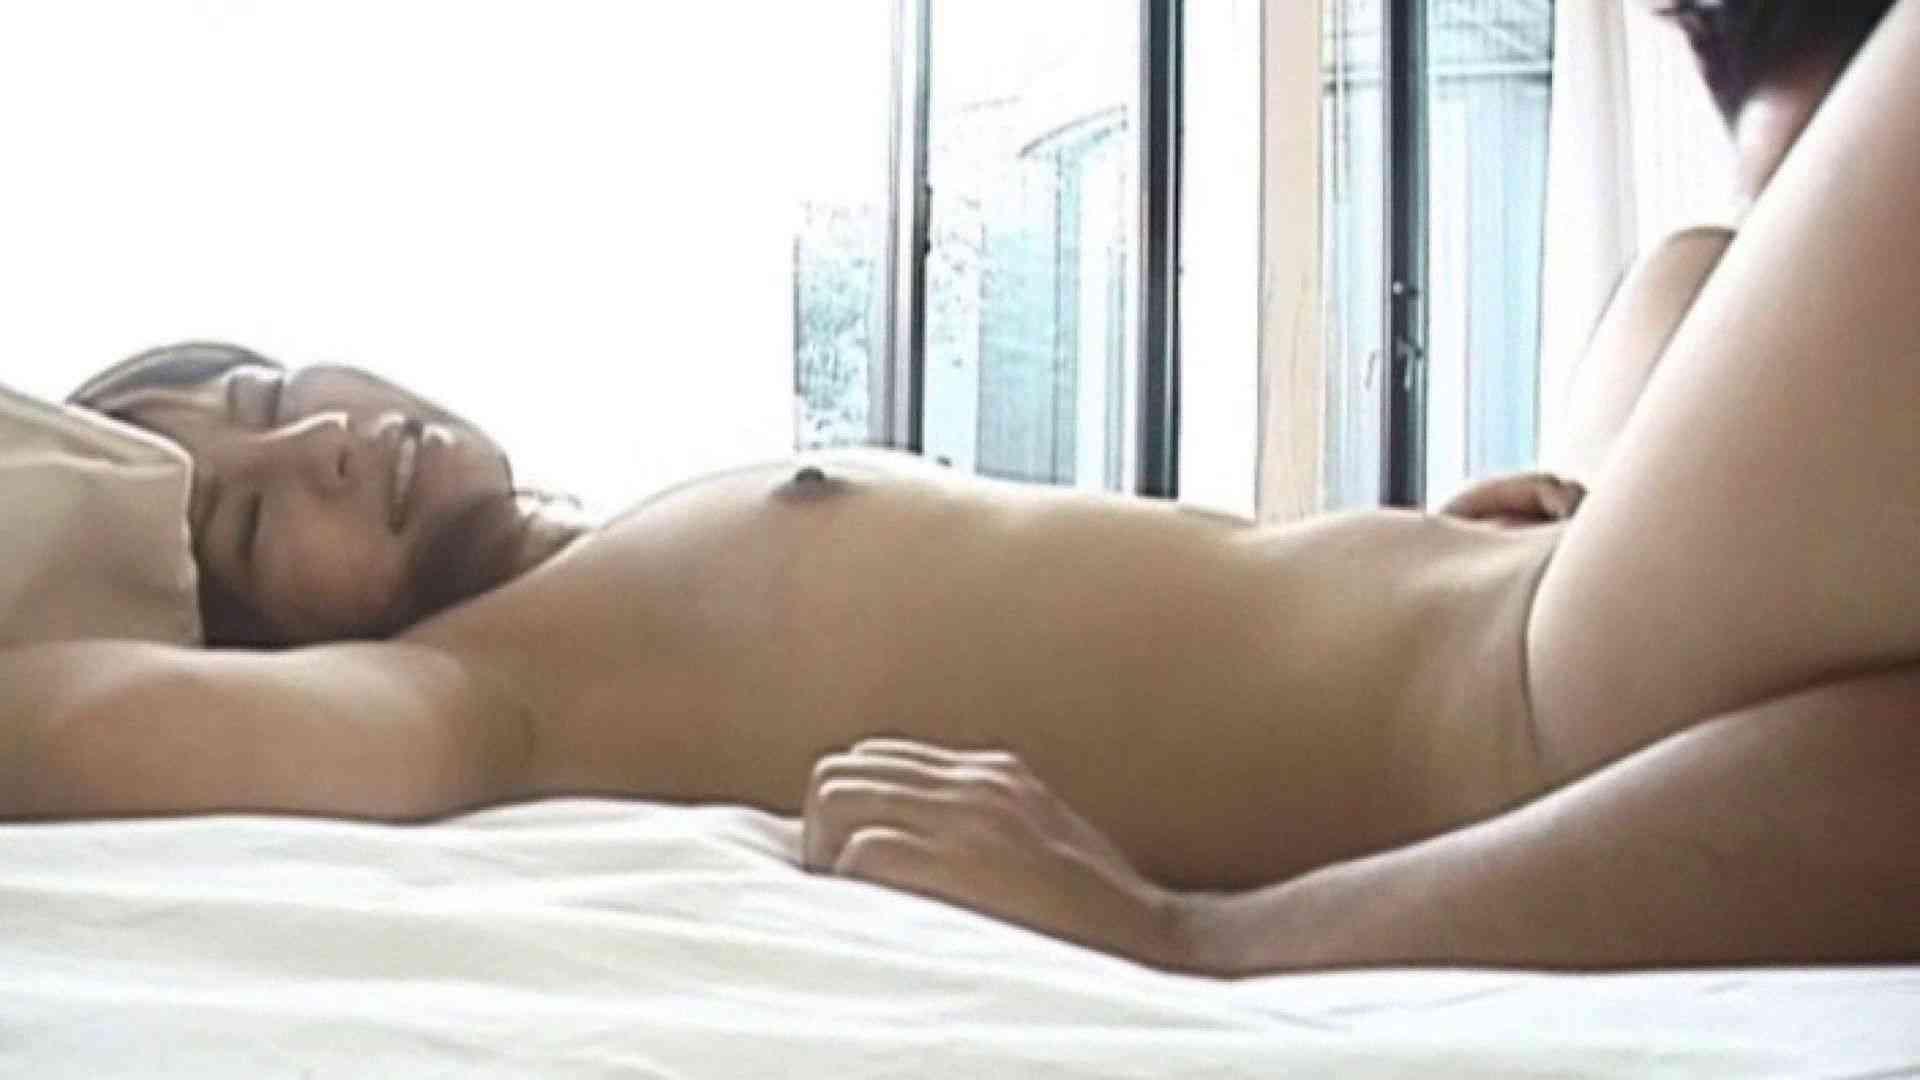 S級厳選美女ビッチガールVol.16 美しいOLの裸体  96pic 64